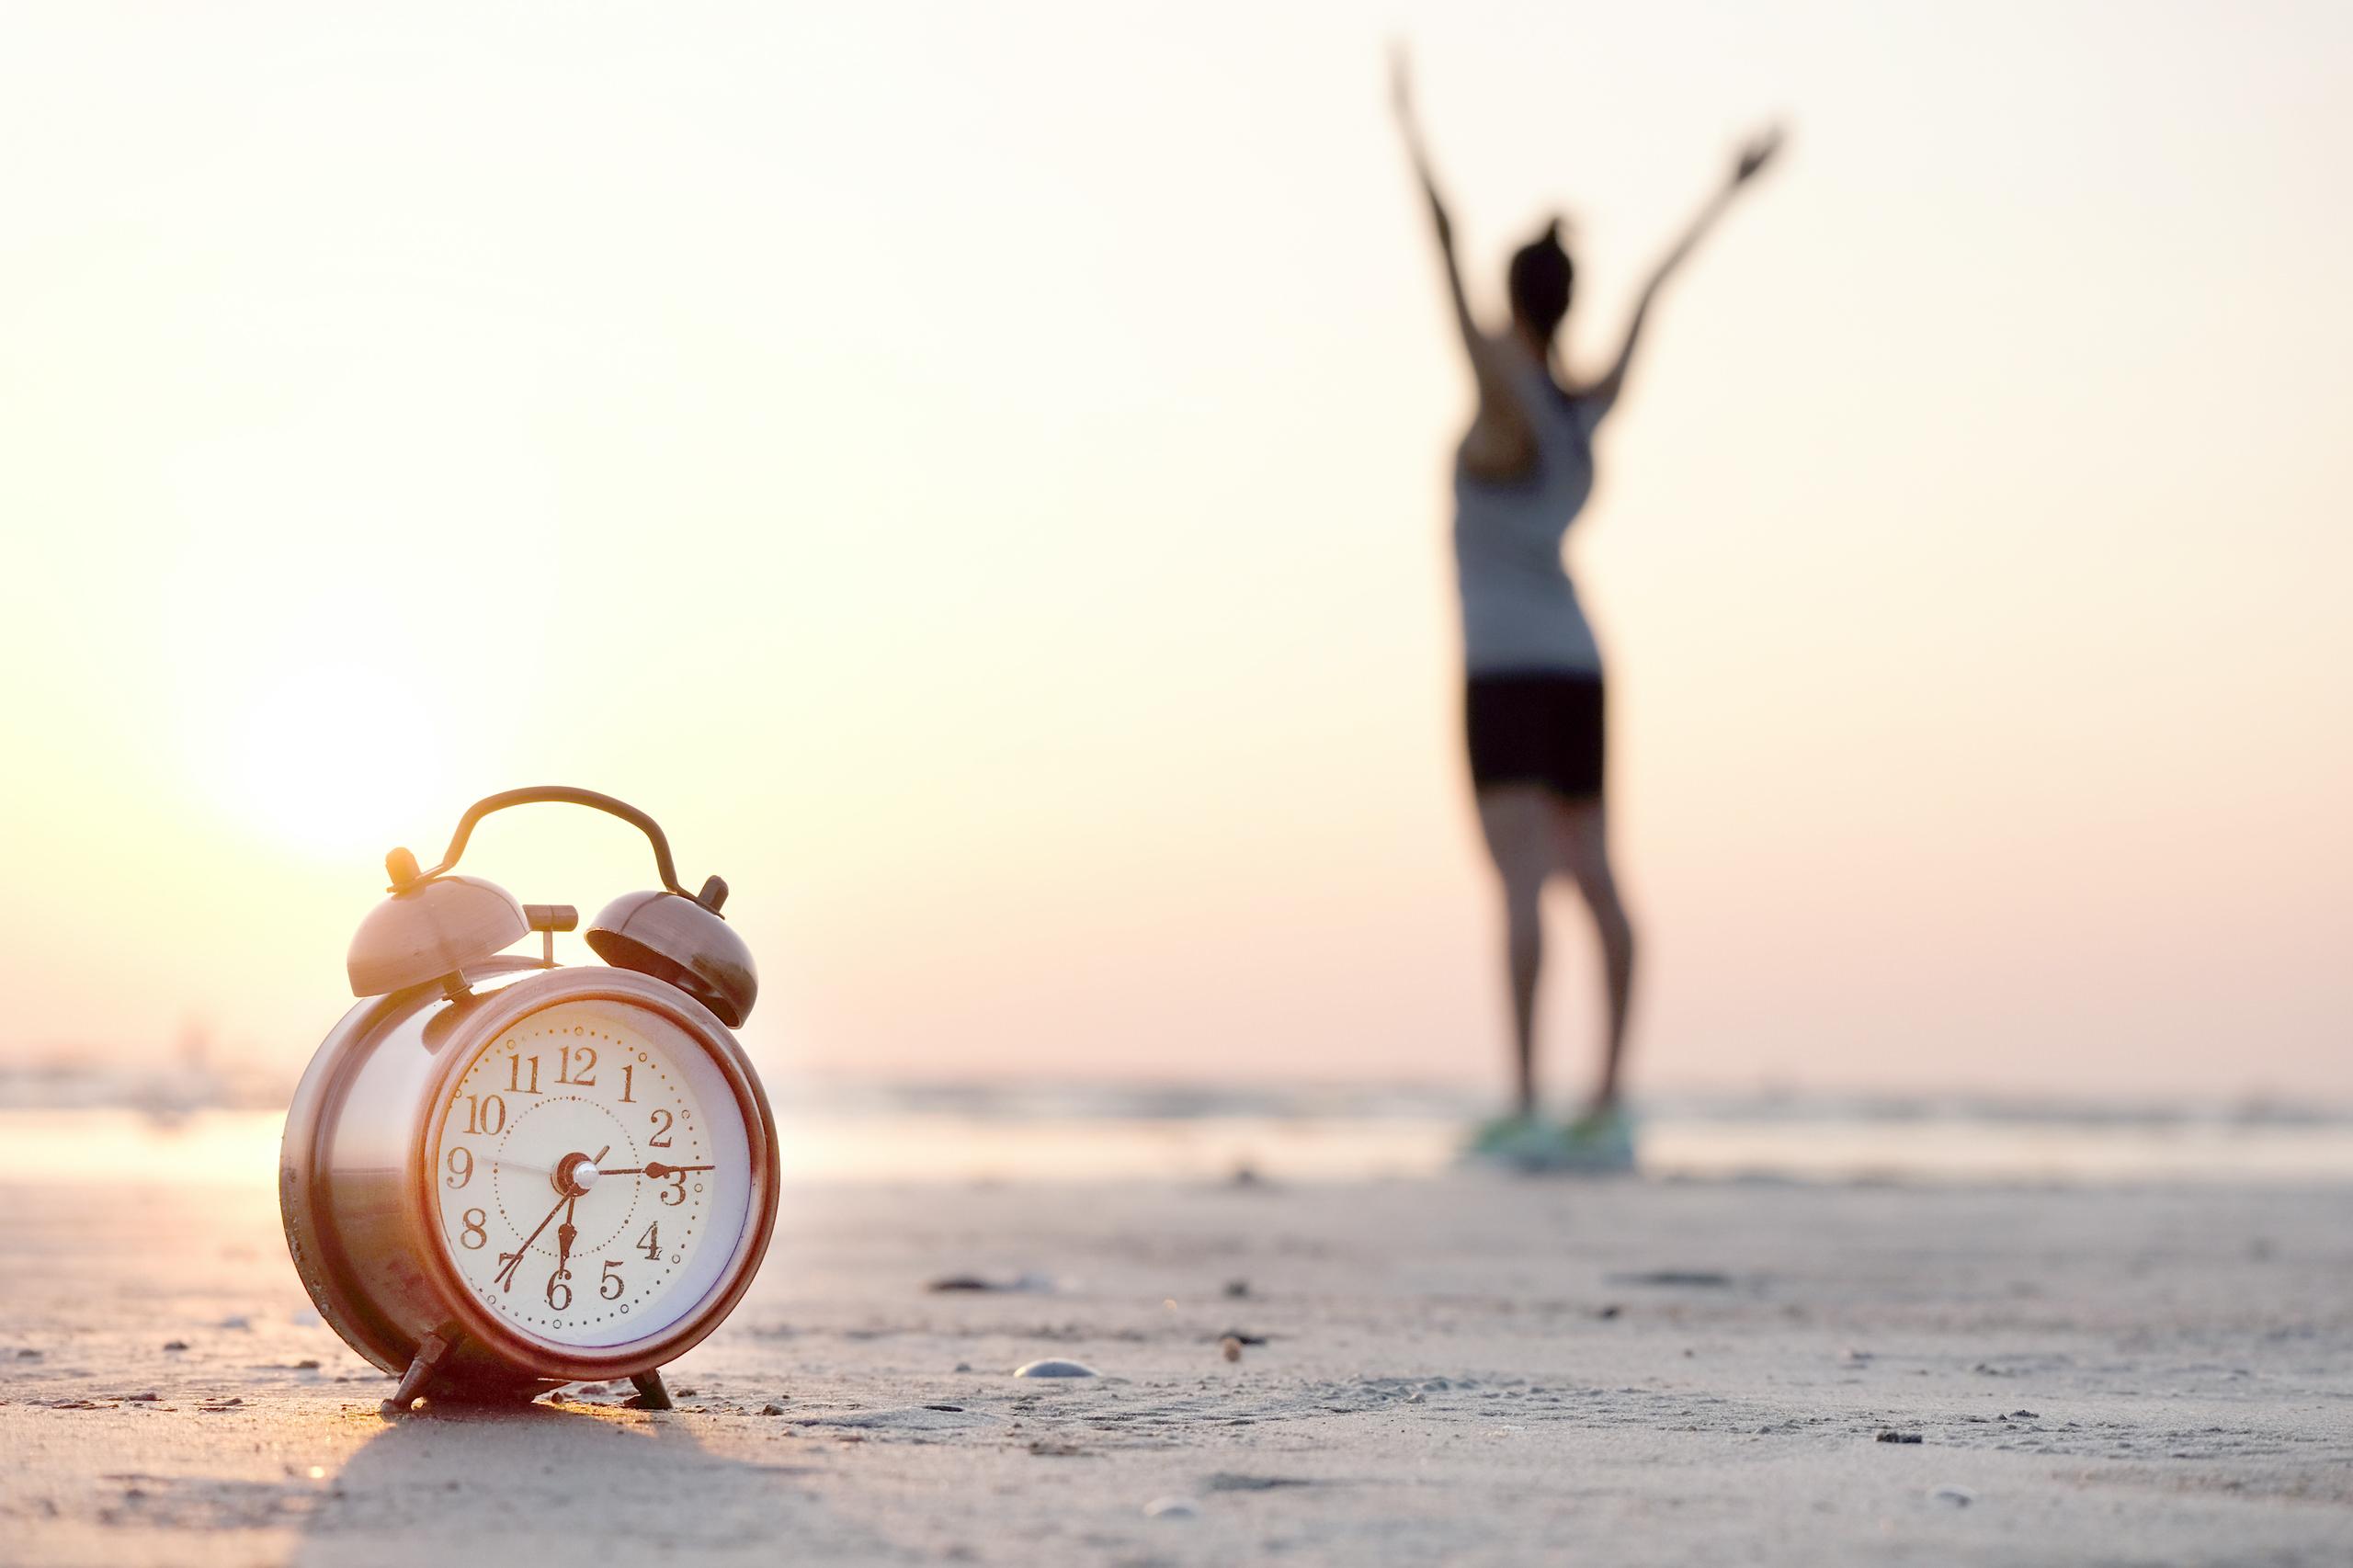 朝活の効果的な時間はどれくらい?